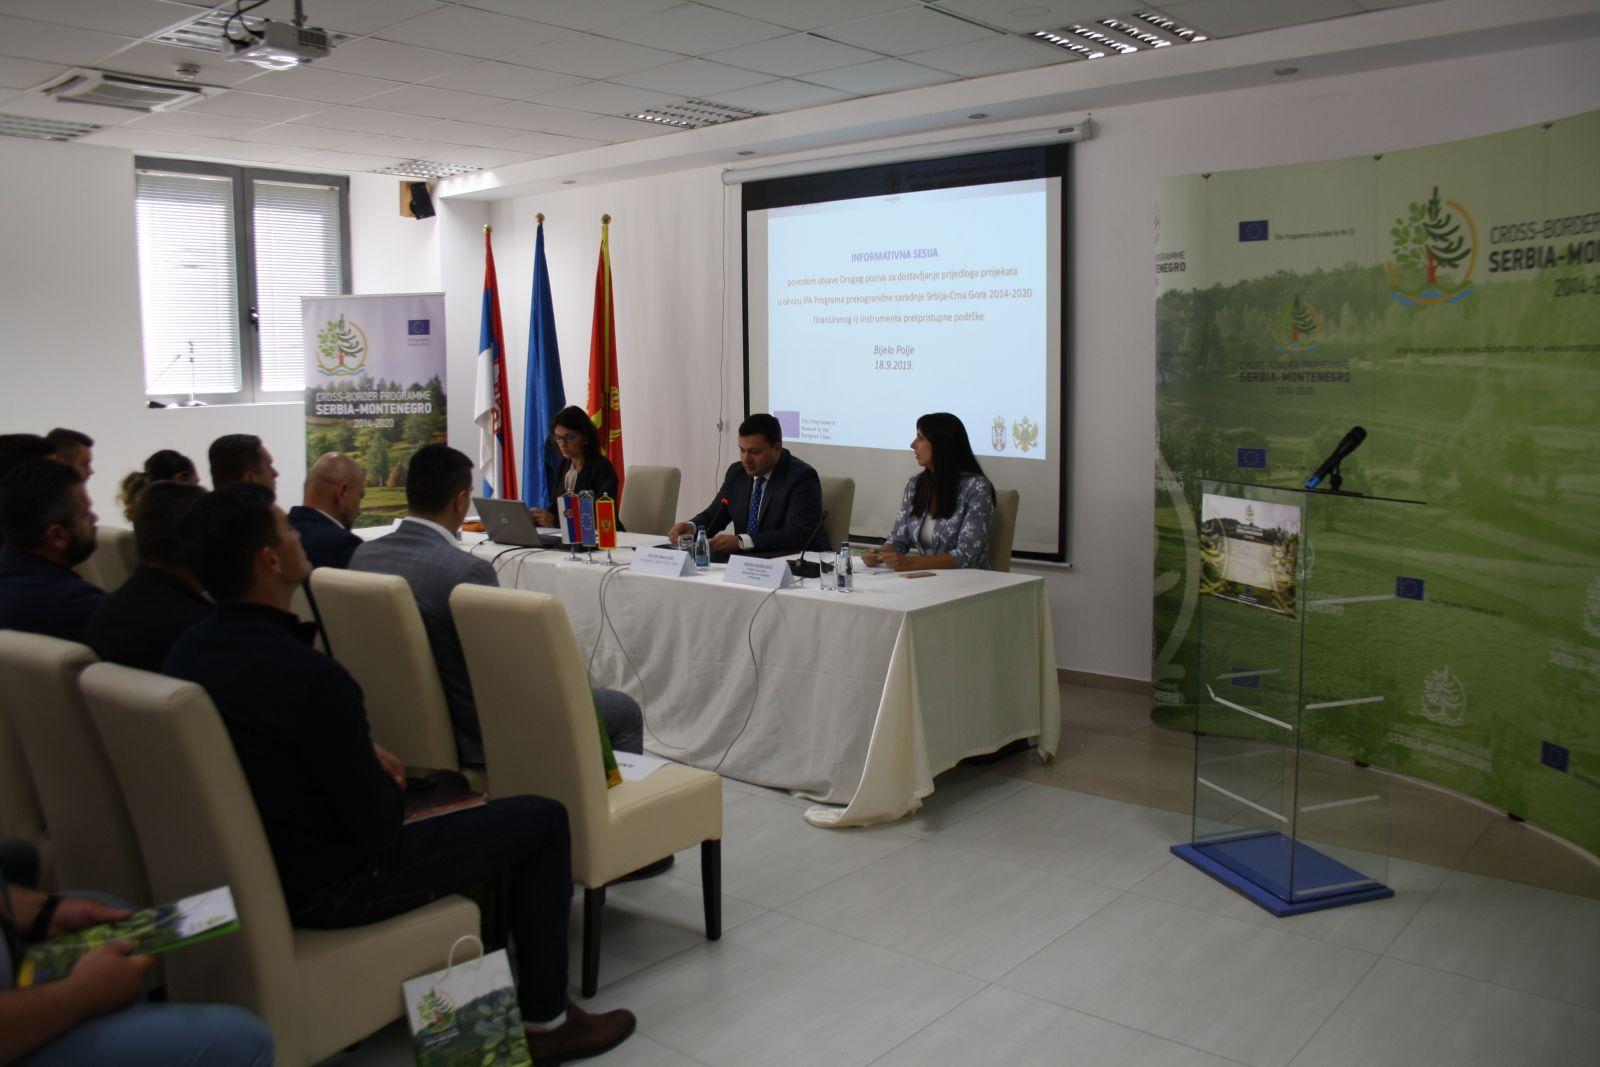 Одражана информативна сесија поводом расписивања Другог позива за подношење предлога пројеката оквиру ИПА Програма прекограничне сарадње Србија-Црна Гора 2014-2020